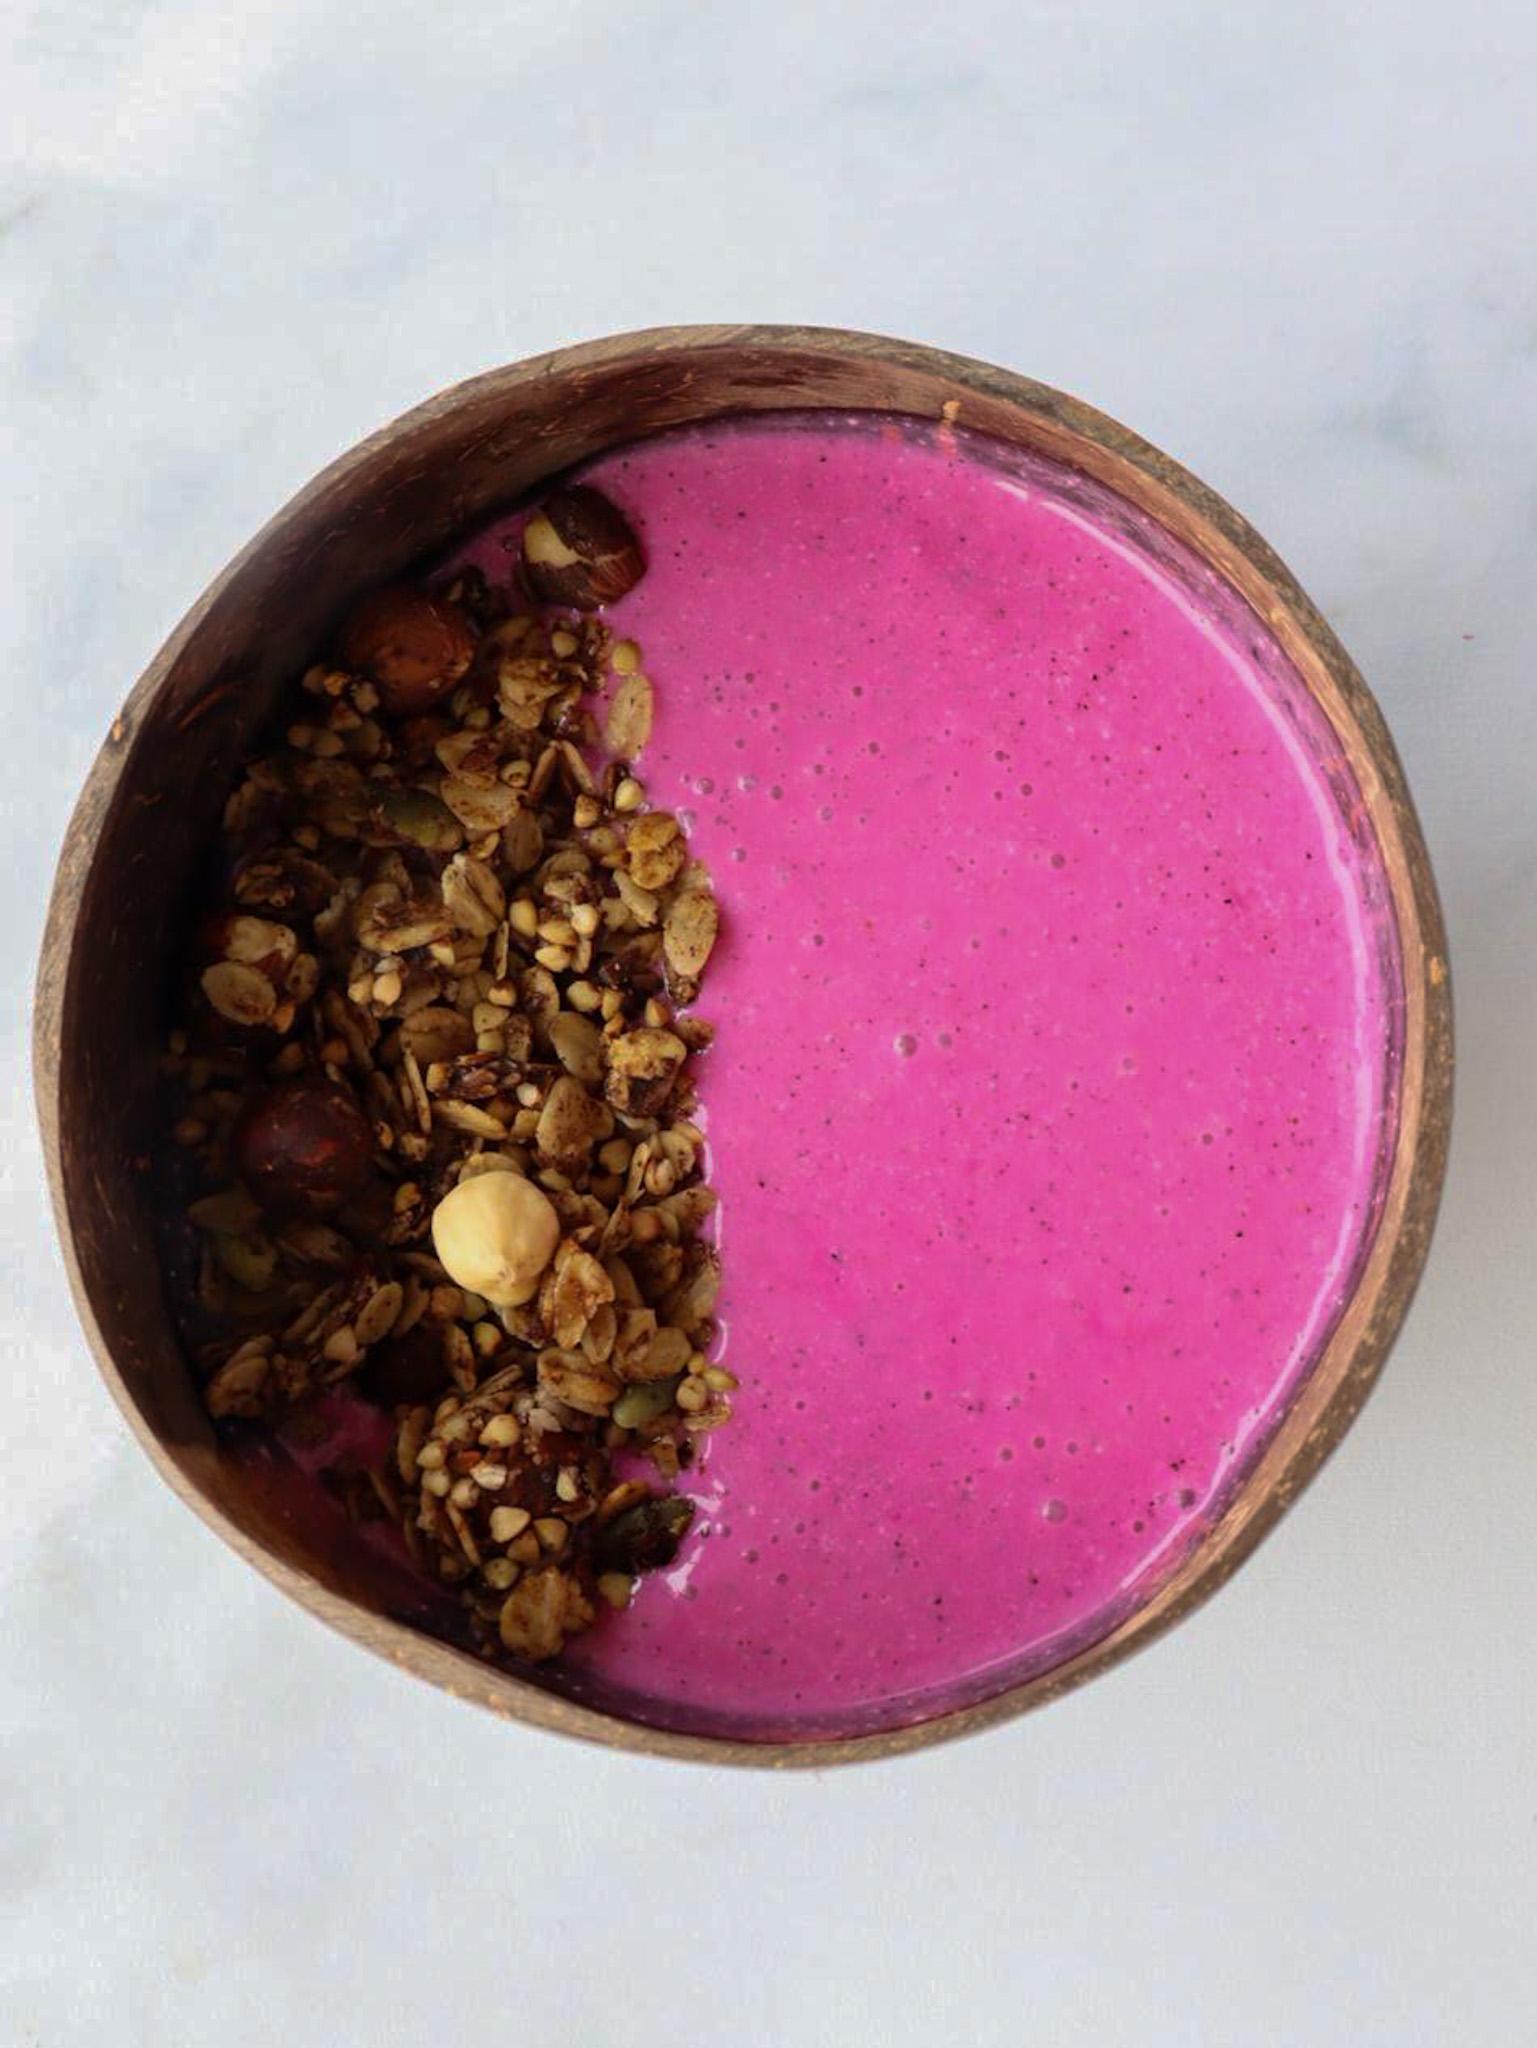 De mooie roze dragonfruit is super smaakvol en vol met antioxidanten, vitamines en mineralen. Naast een gezonde fruitbom ook nog eens een plaatje met zijn mooie roze kleur.  Neem voor 1… View Details